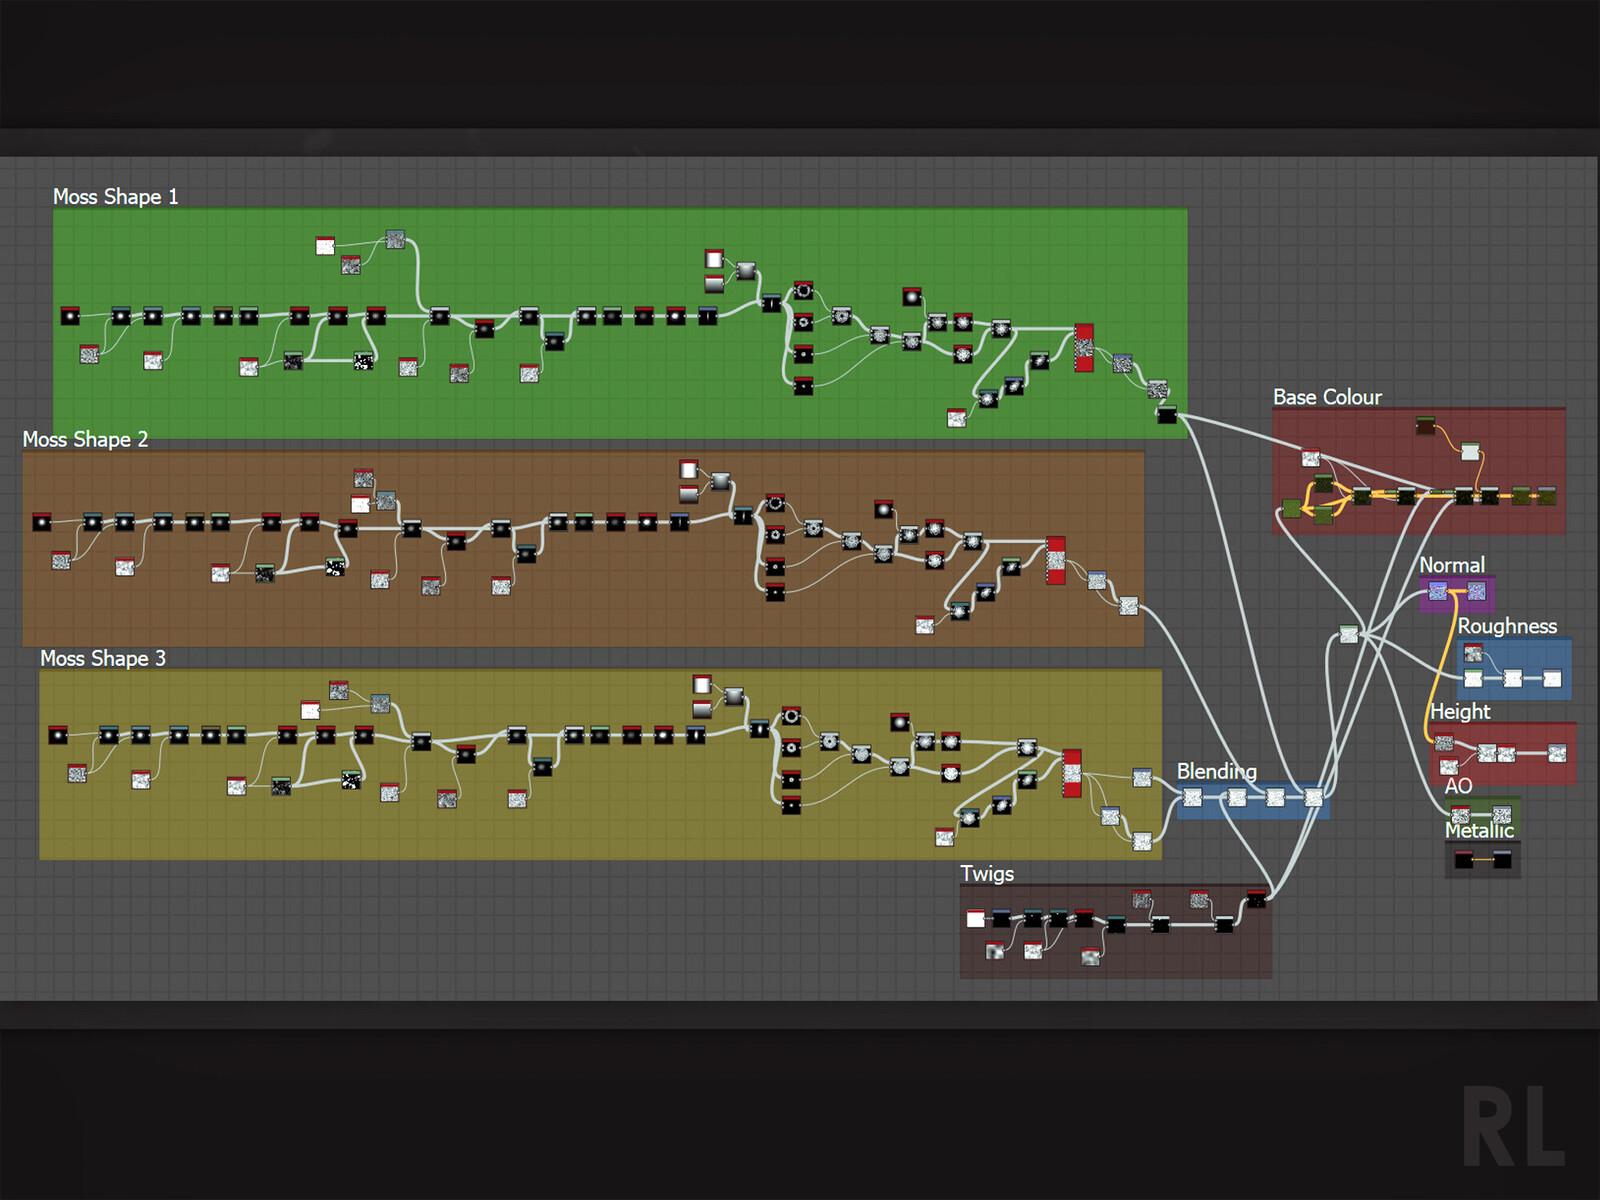 Graph Breakdown